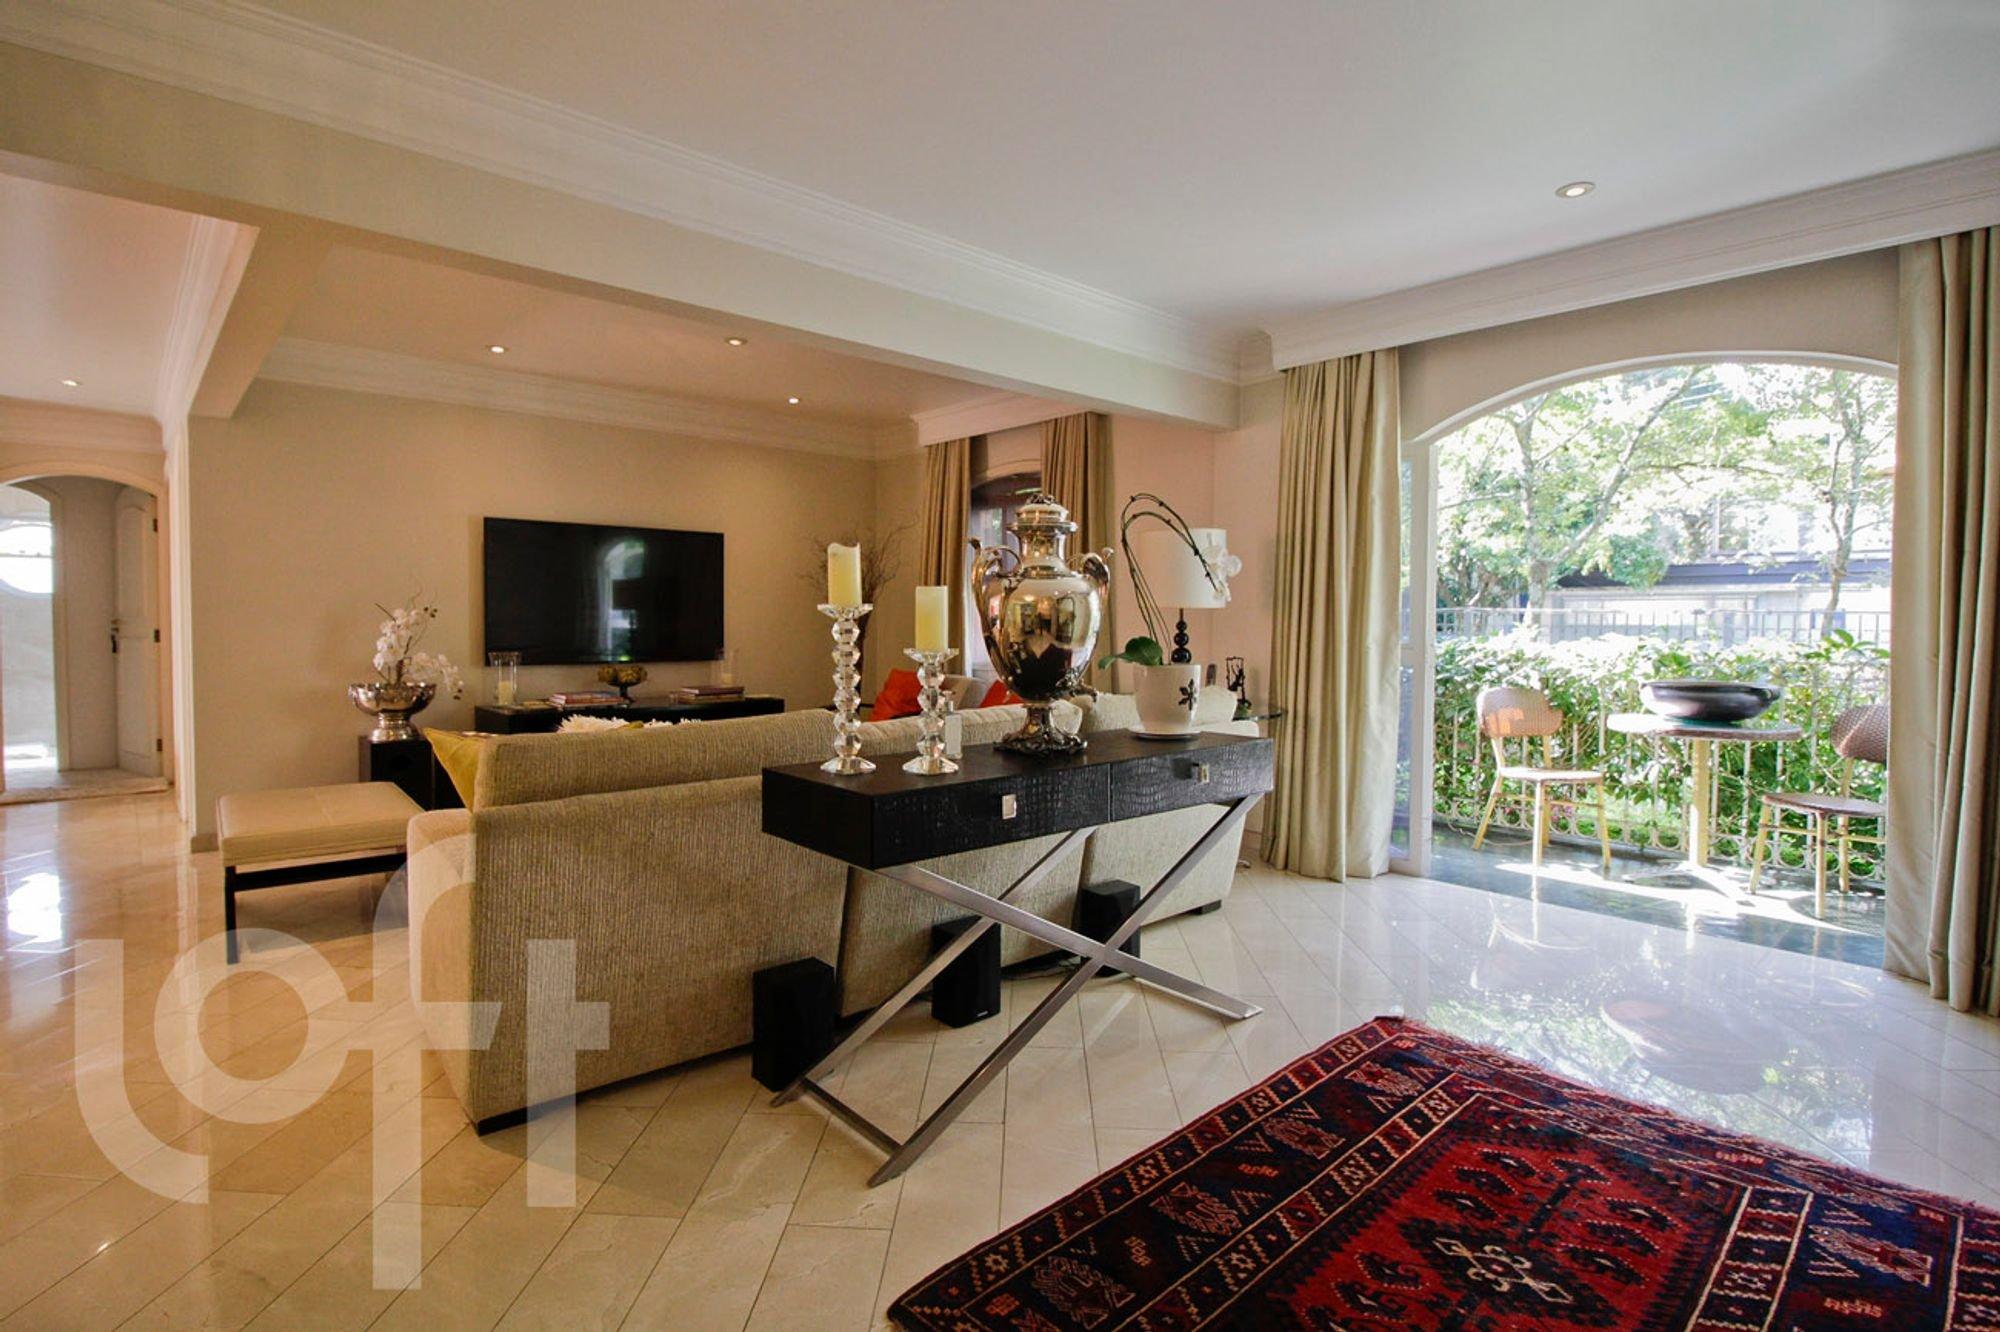 Foto de Sala com sofá, vaso, tigela, cadeira